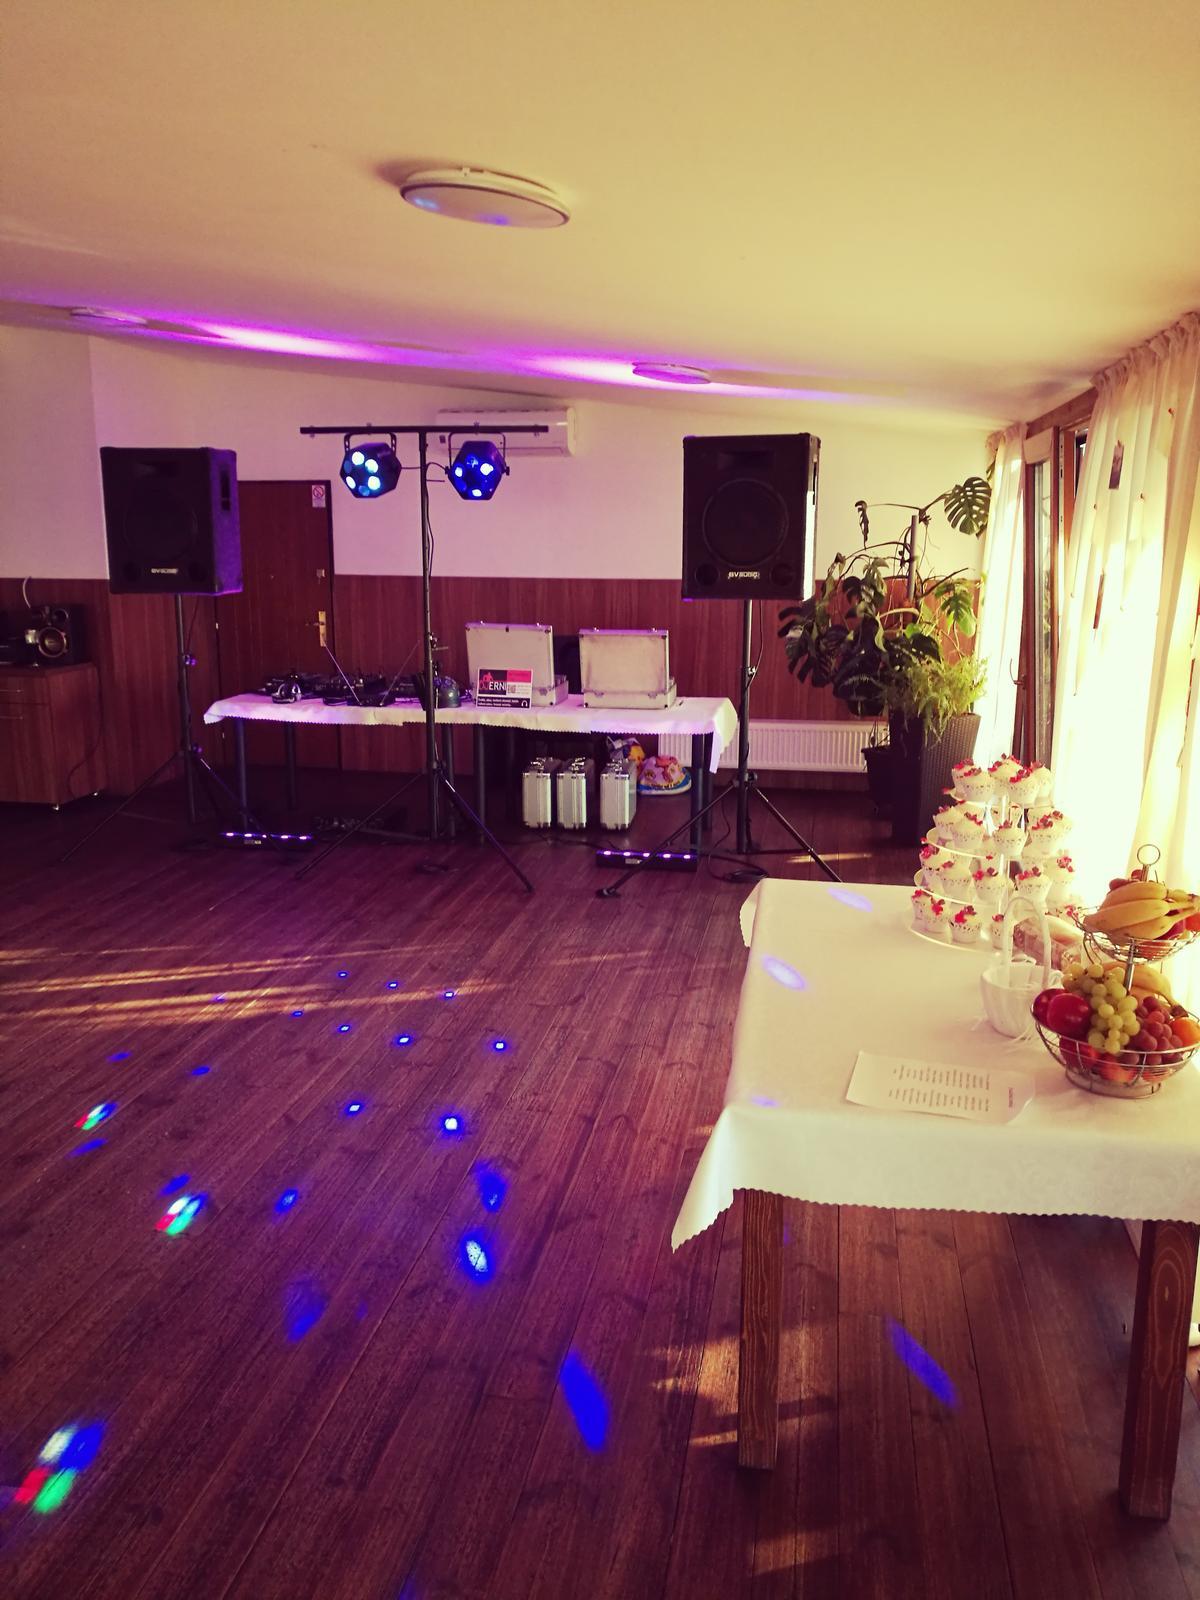 Penzión Harmónia Ostratice - Katka a Majo, parádna moderná svadobná párty aj v Trenčianskom kraji - Penzión Harmónia Ostratice - Katka Majo, parádna moderná svadobná párty aj v Trenčianskom kraji